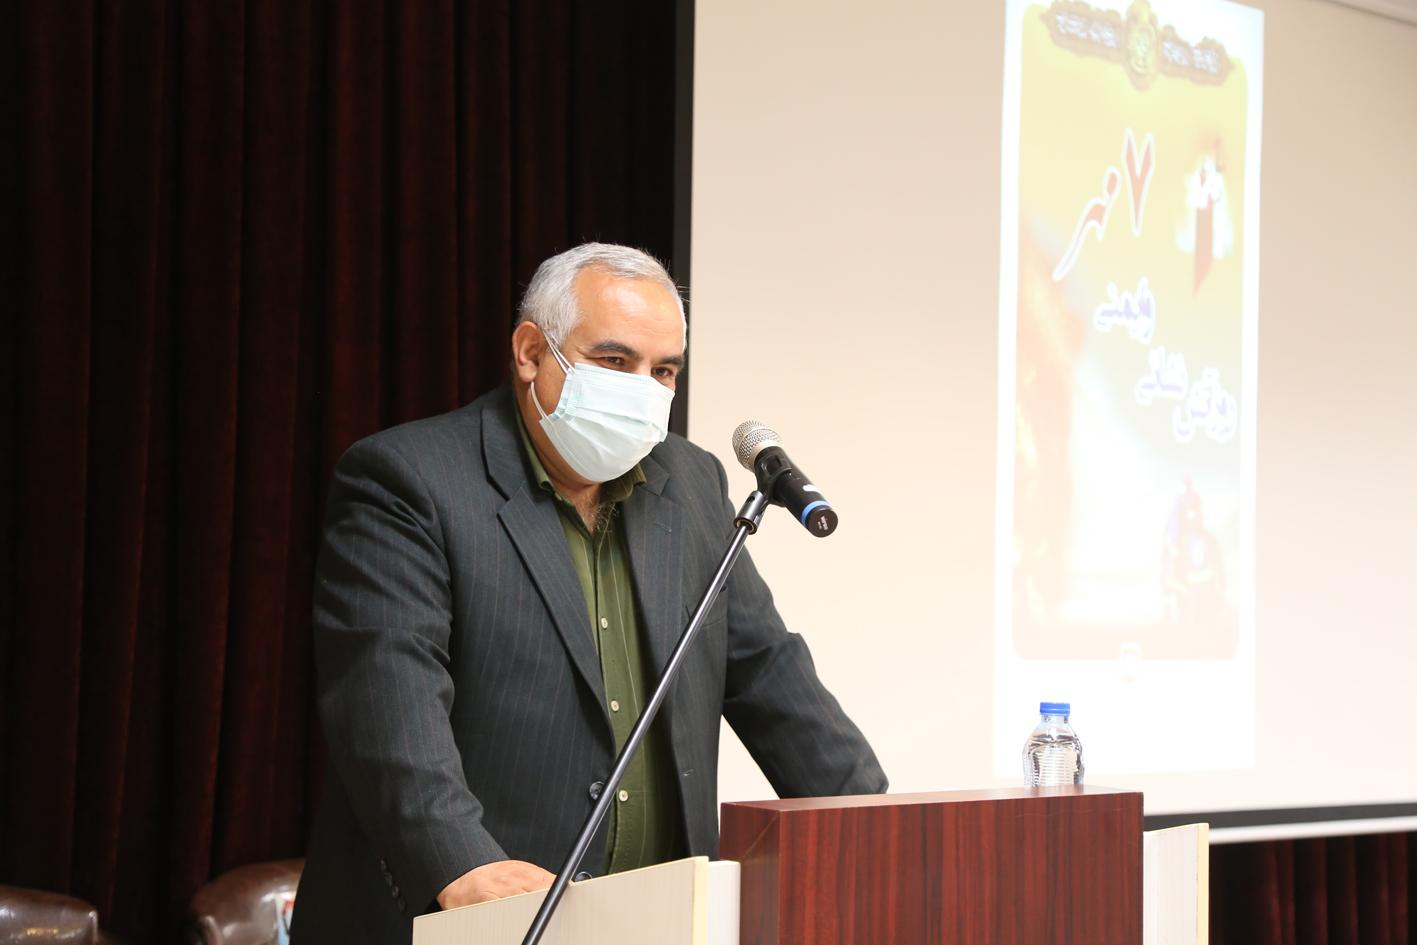 مراسم گرامیداشت 7 مهرماه روز آتش نشانی و ایمنی در سالن شهید آوینی شهرداری نیشابور